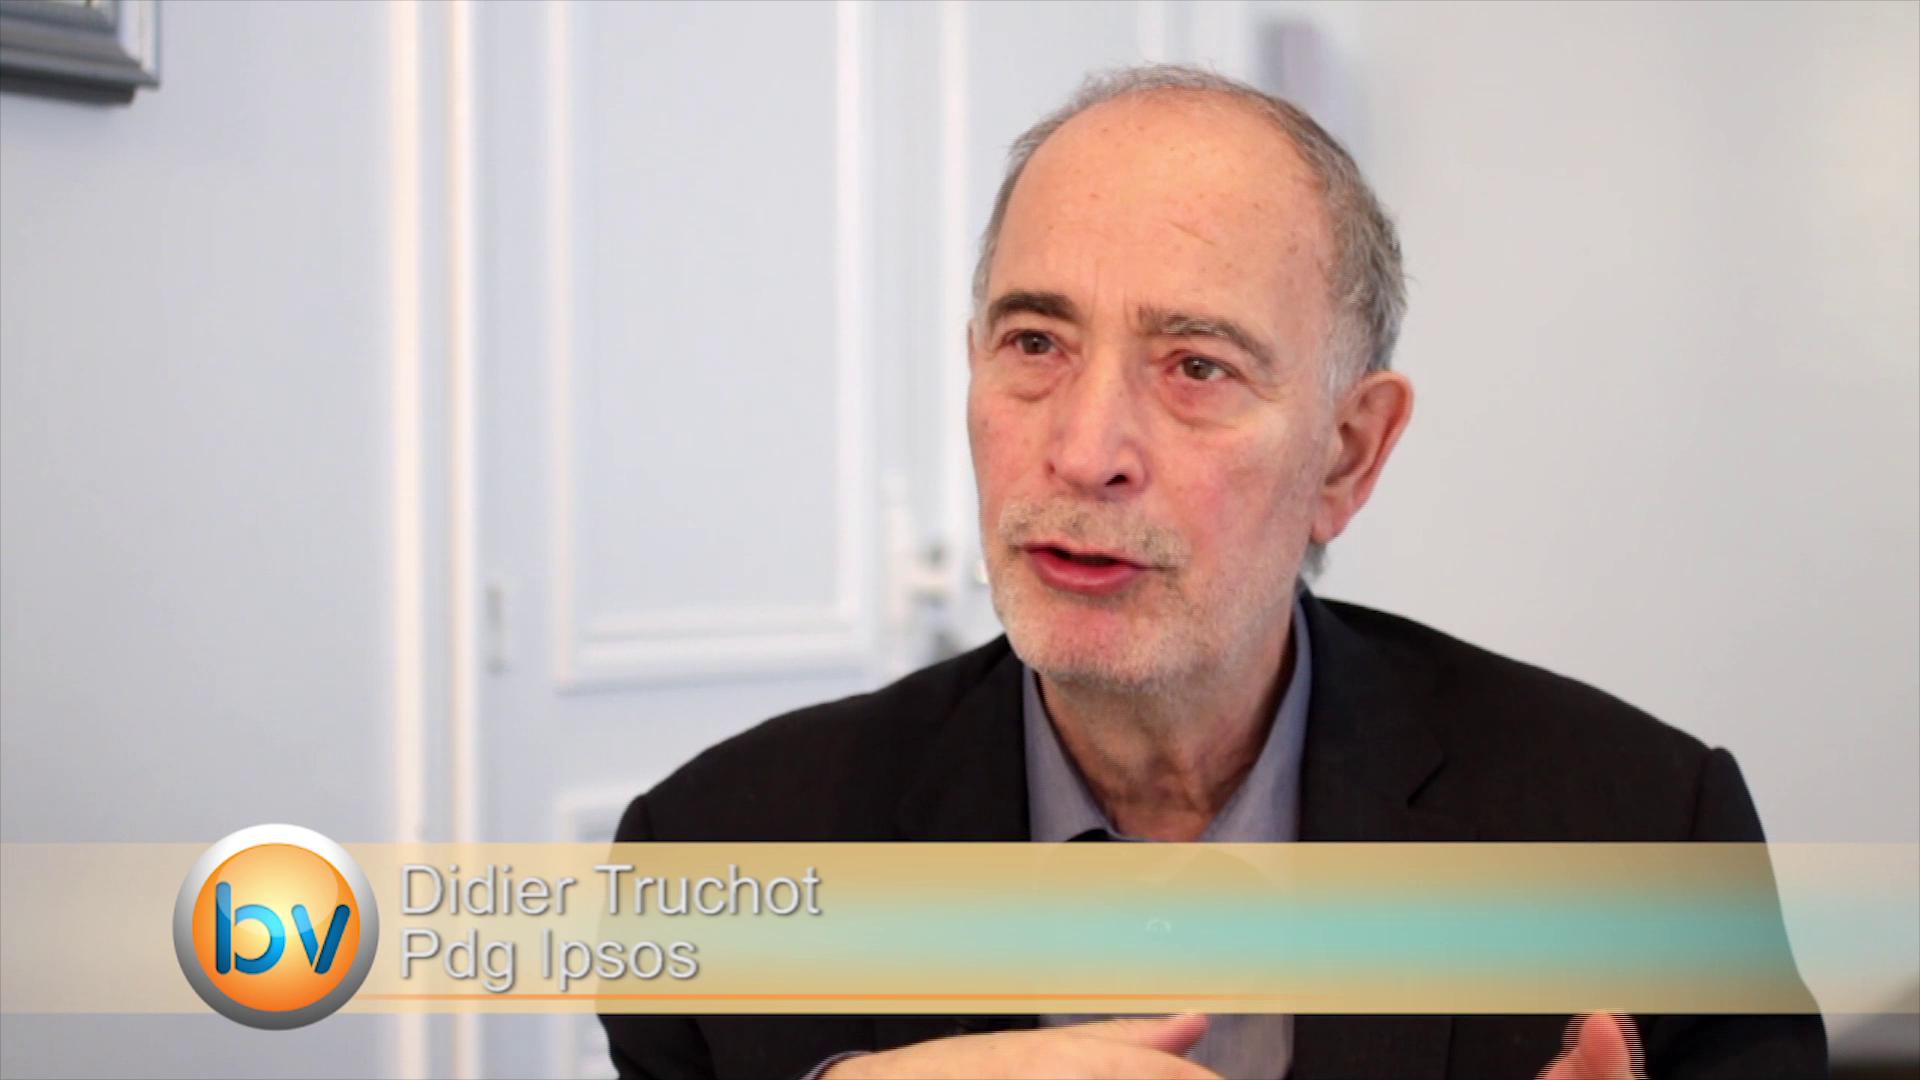 """Didier Truchot  Pdg Ipsos : """"On réenclenche un mouvement pour retrouver de la croissance et une meilleure rentabilité"""""""